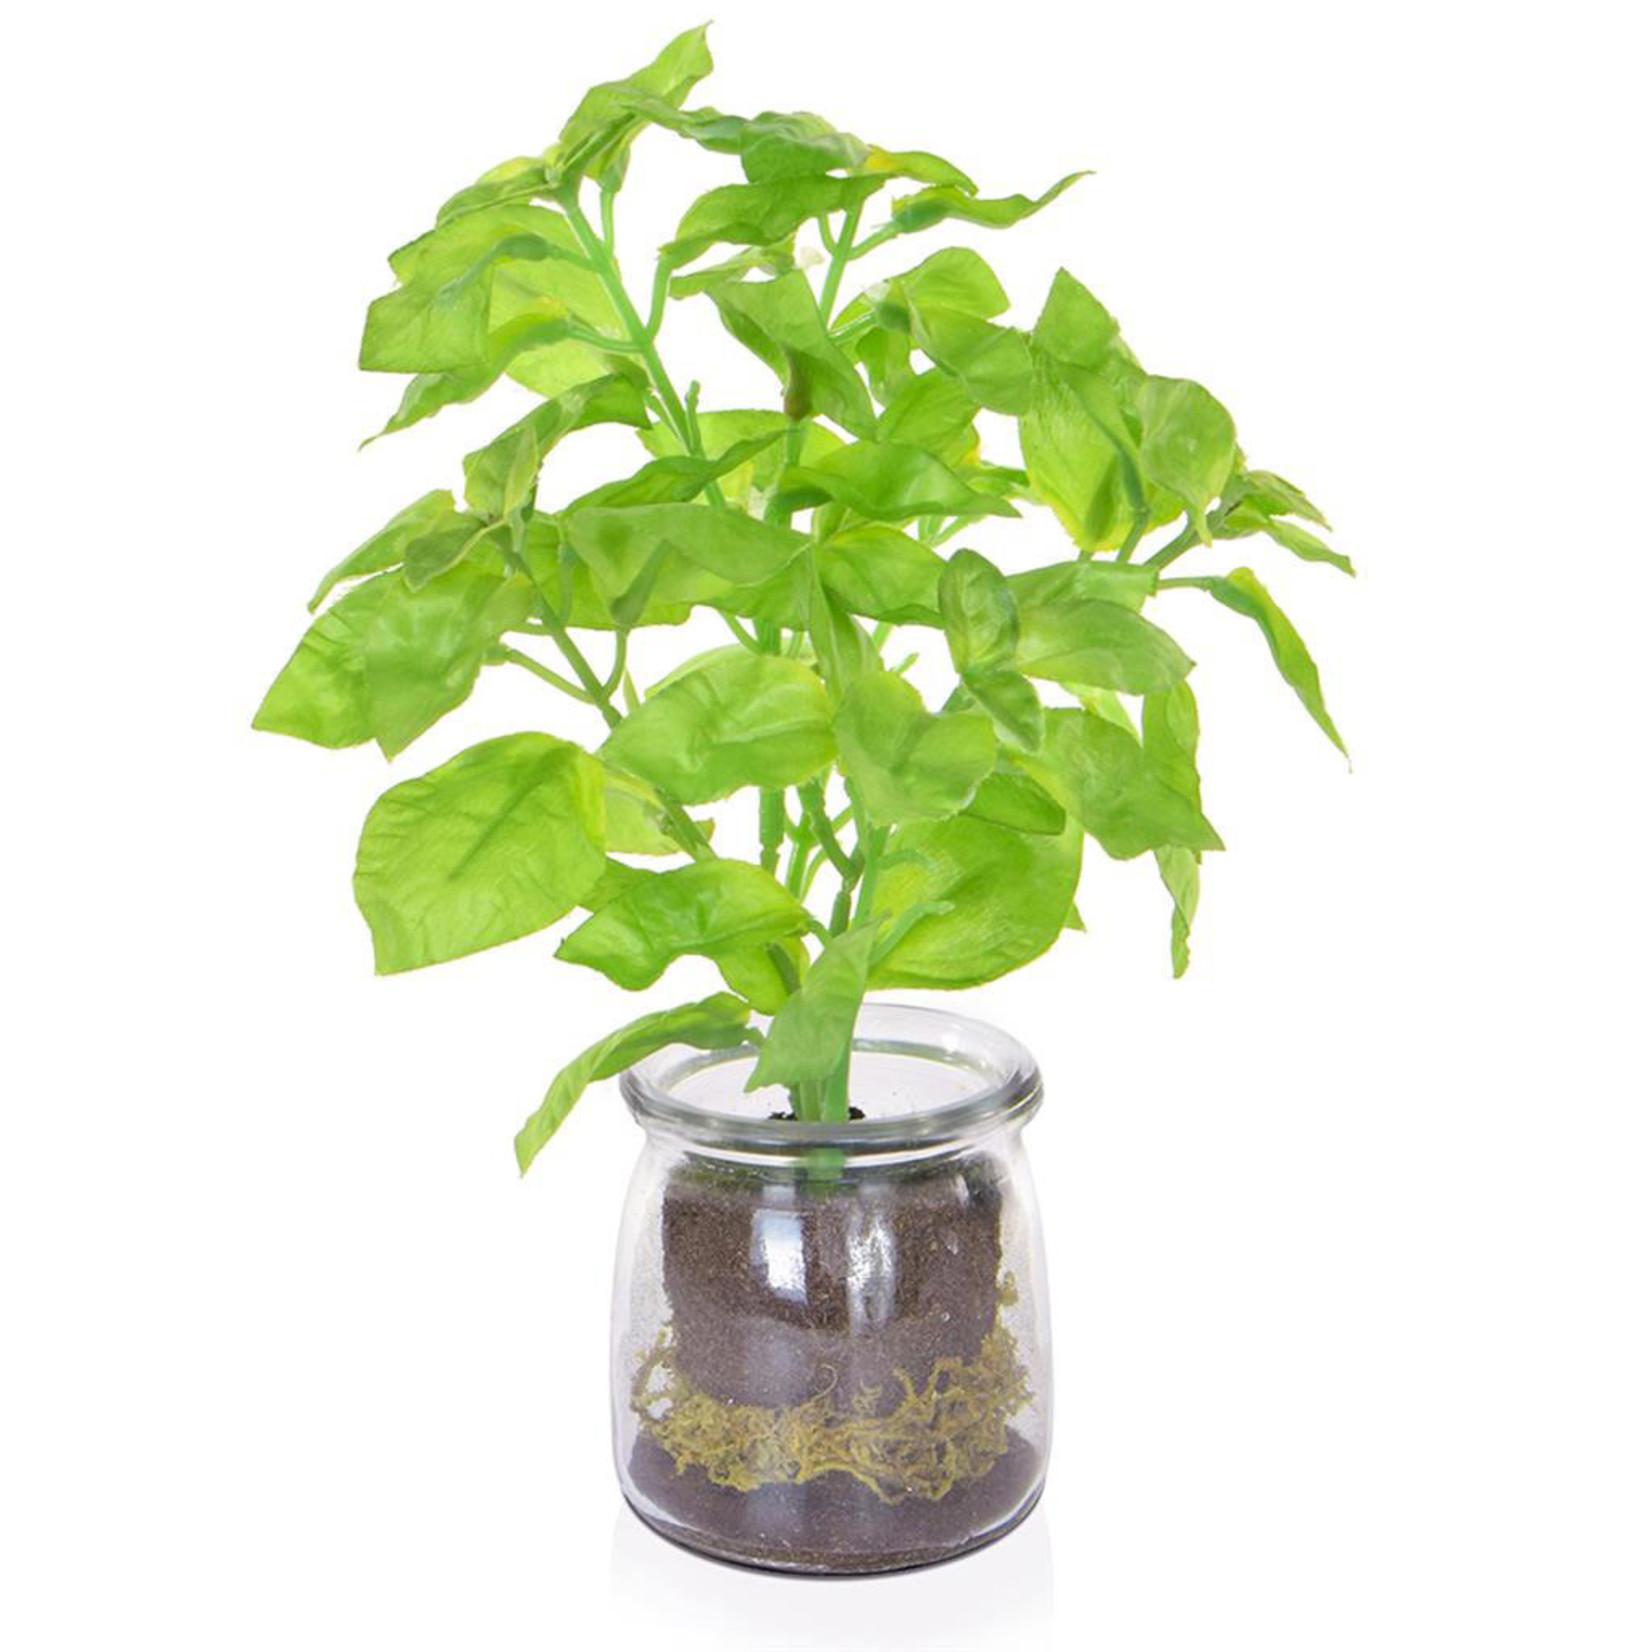 PP Green Basil in Vase JA 24cm